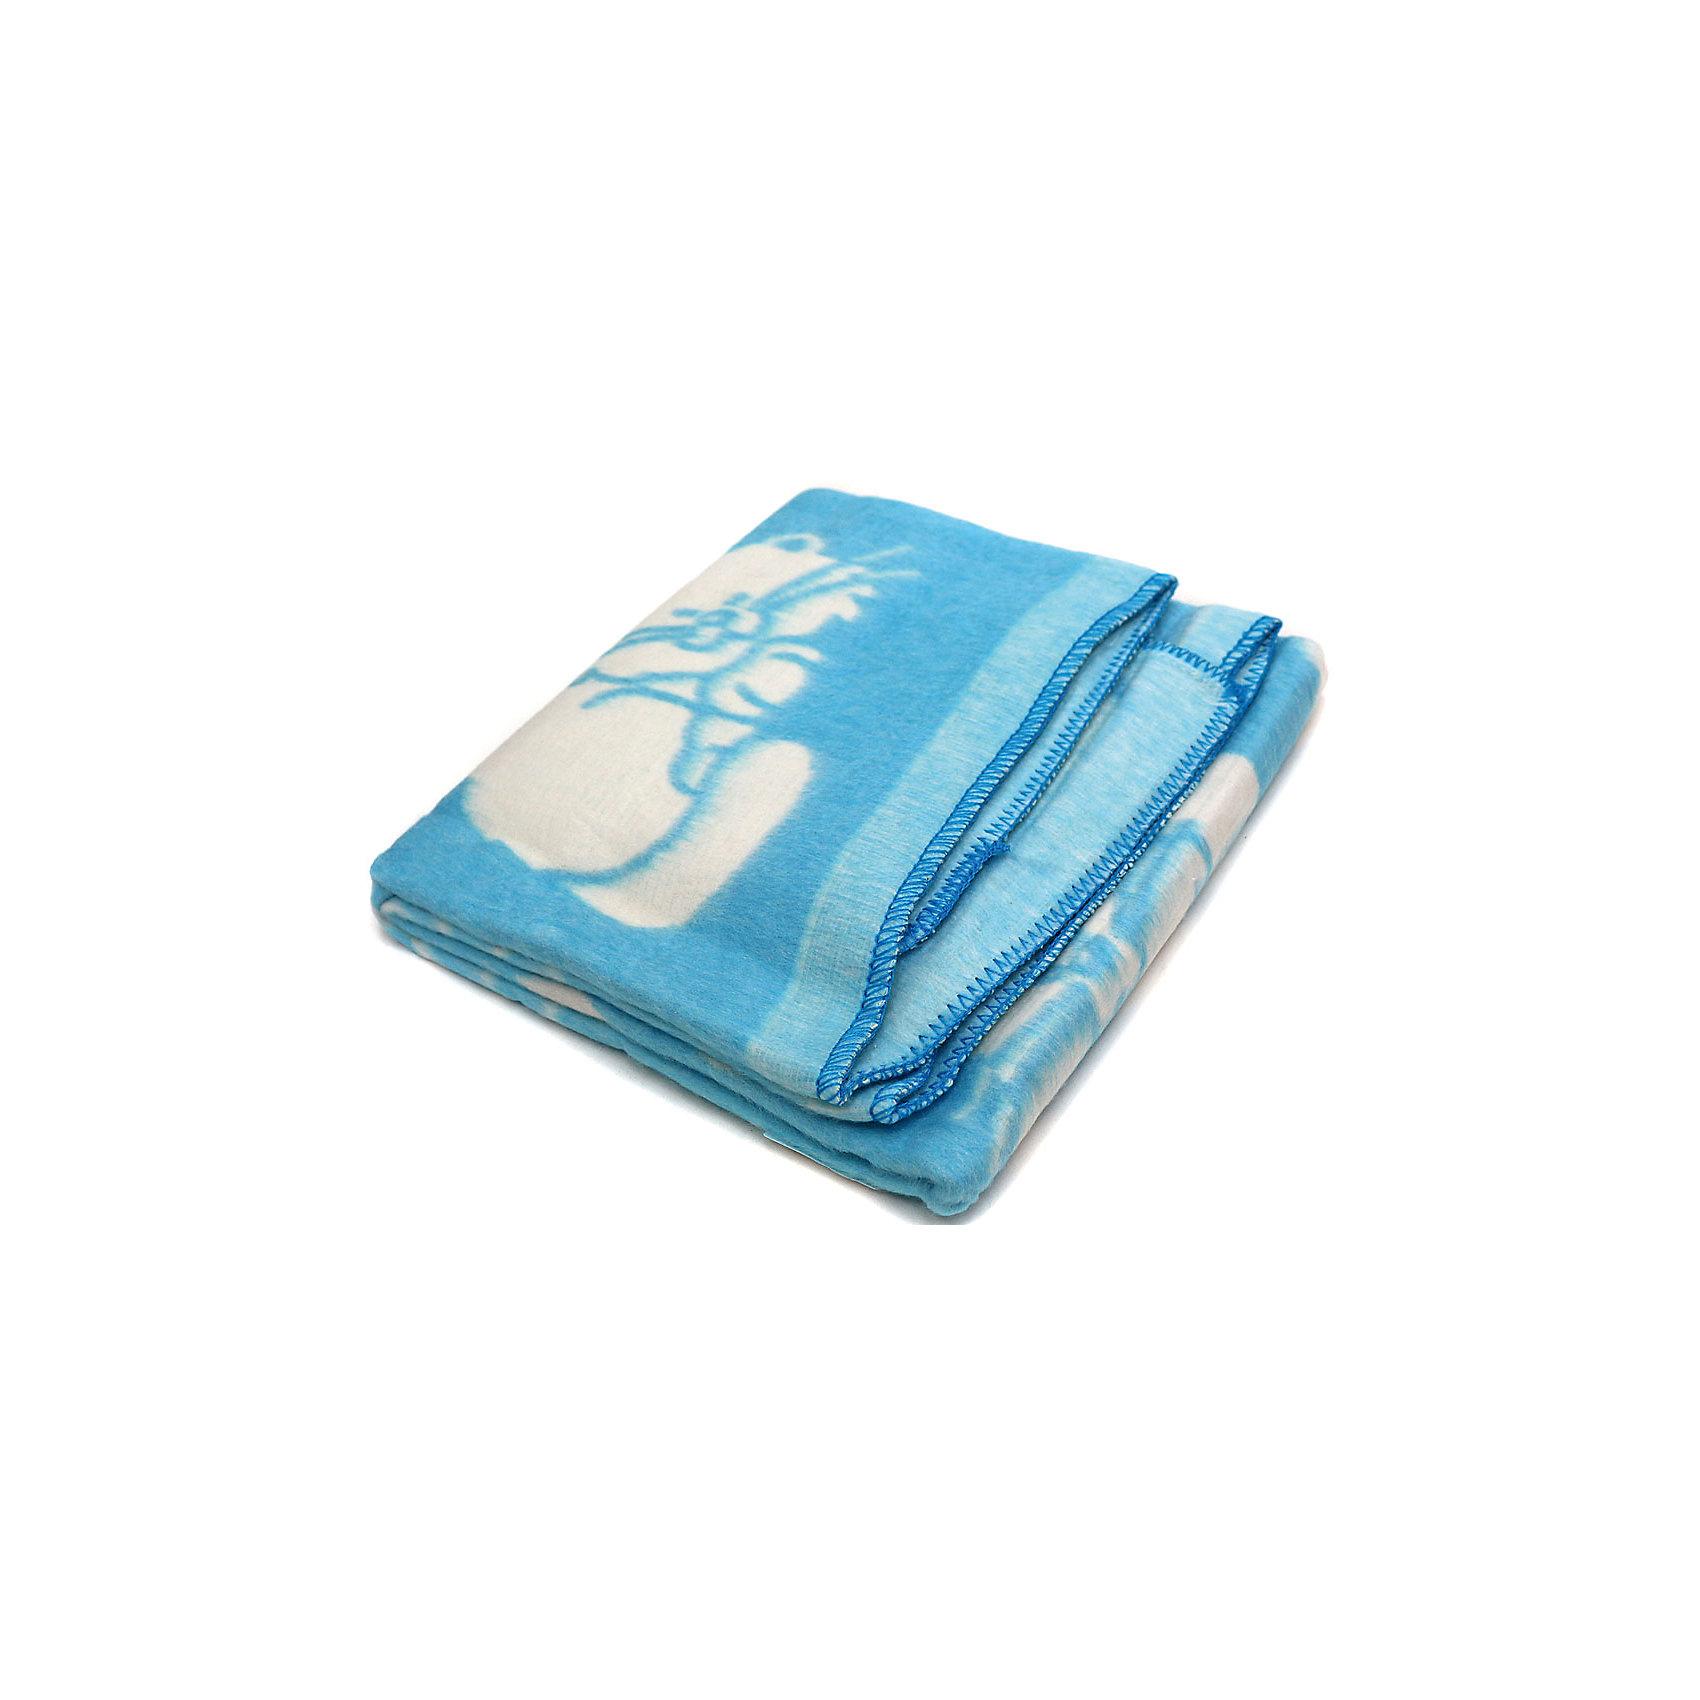 Байковое одеяло 110х118 см. (жаккард), Топотушки, голубойБайковое одеяло 110х118 см. (жаккард), Топотушки, голубой<br><br>Характеристики:<br><br>-Размер: 100х118 см<br>-Цвет: голубой<br>-Материал: отбеленная и крашеная пряжа, 100% хлопок<br><br>Байковое одеяло 110х118 см. (жаккард), Топотушки, голубой согреет вашего ребёнка в холодное время года. Одеяло выполнено из 100% хлопка, поэтому не вызовет аллергическую реакцию. Весёлые картинки будет радовать вашего ребёнка. Оно большого размера, поэтому его можно использовать и в пеленании ребёнка. Оно мягкое и приятное на ощупь, поэтому сделает сон вашего ребёнка еще комфортнее. <br><br>Байковое одеяло 110х118 см. (жаккард), Топотушки, голубой можно приобрести в нашем интернет-магазине.<br><br>Ширина мм: 370<br>Глубина мм: 360<br>Высота мм: 30<br>Вес г: 580<br>Возраст от месяцев: 0<br>Возраст до месяцев: 36<br>Пол: Мужской<br>Возраст: Детский<br>SKU: 5086335